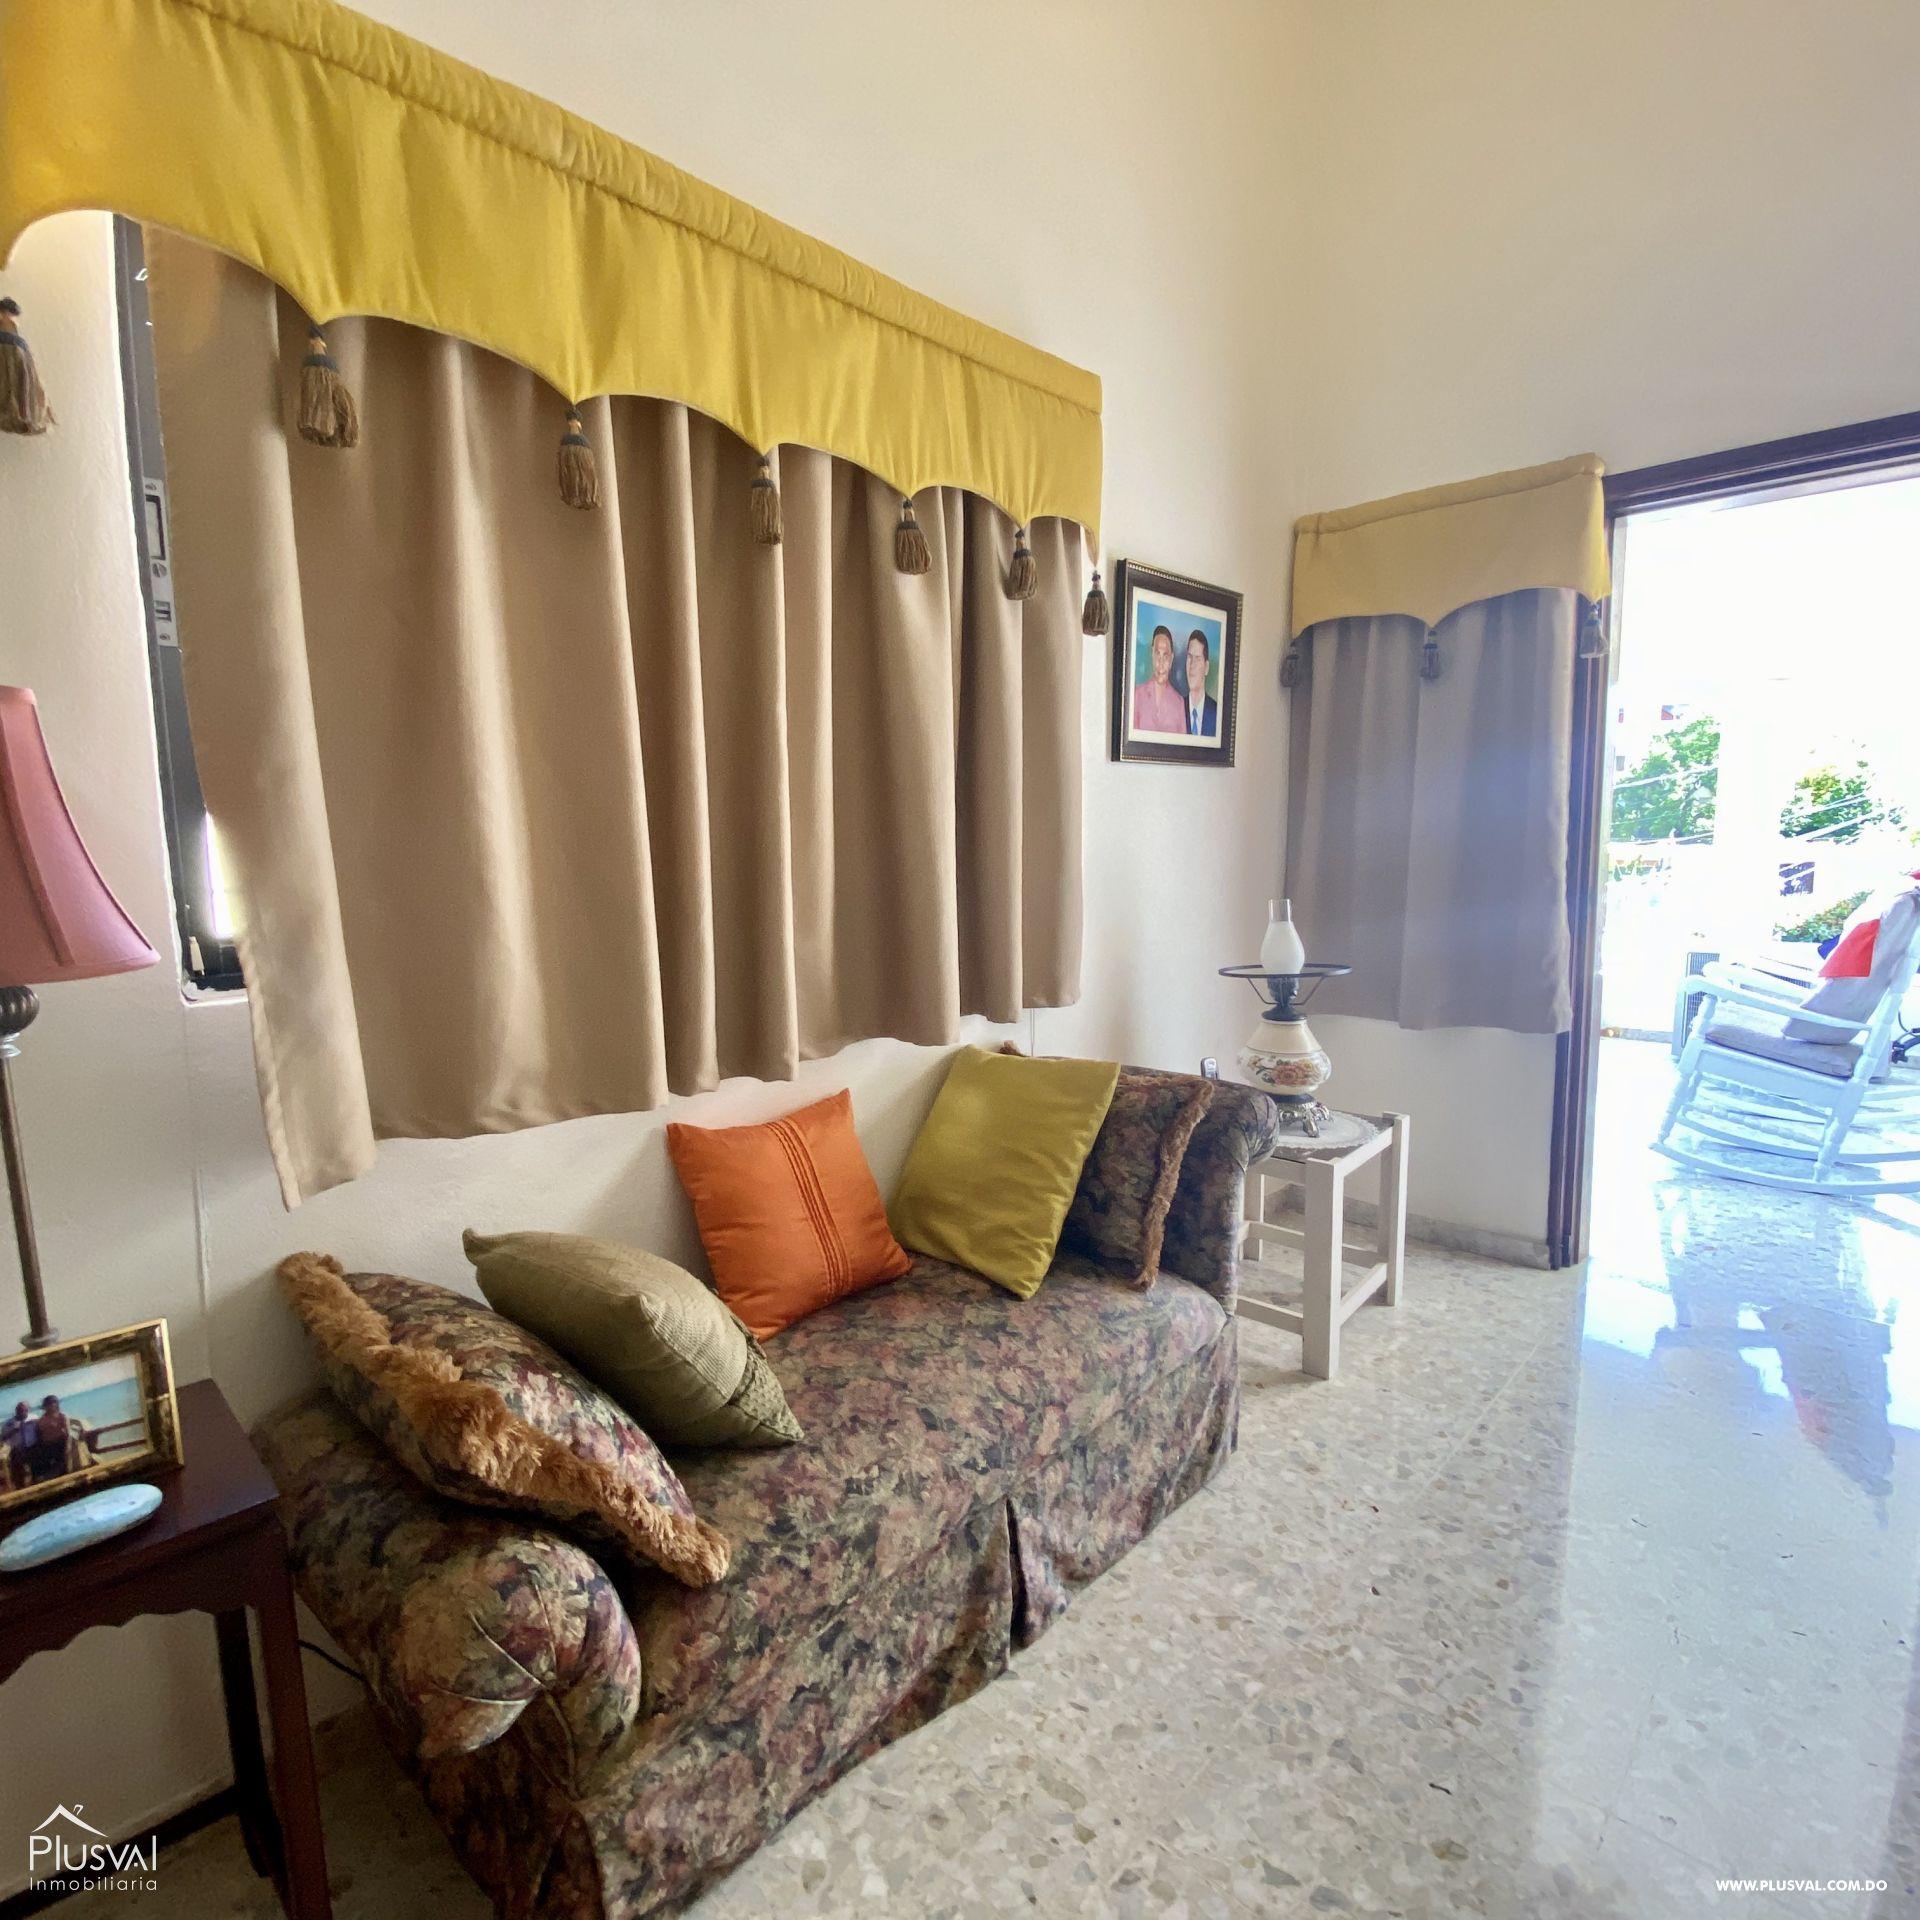 Casa en Venta de Dos Niveles en la Autopista San Isidro 151145